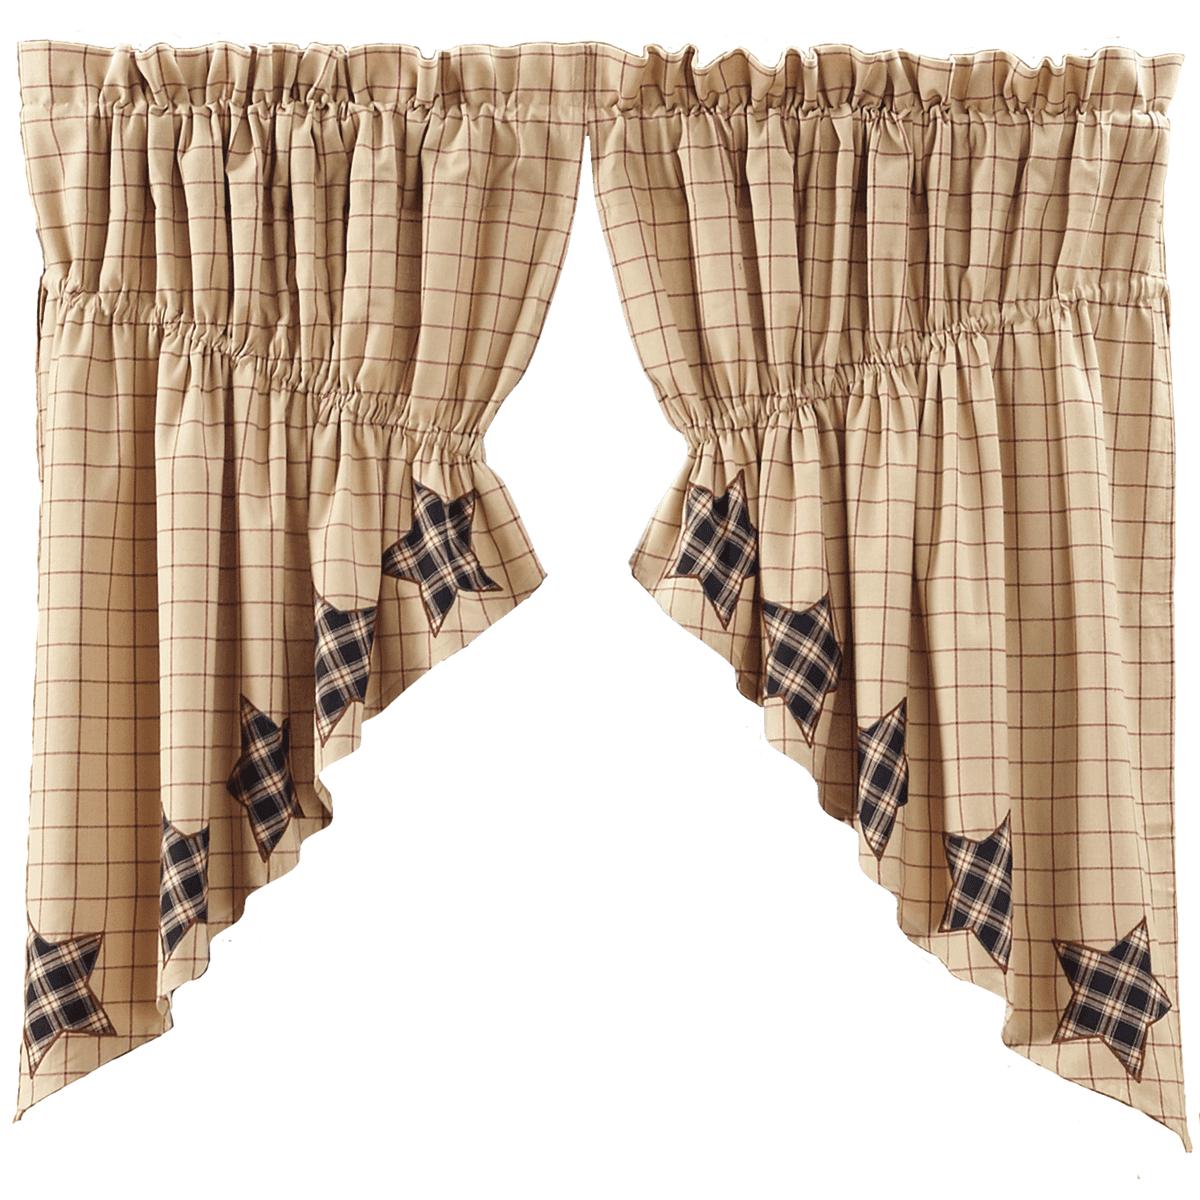 Bingham Star Prairie Curtain Applique Lined Set 2 63x36x18